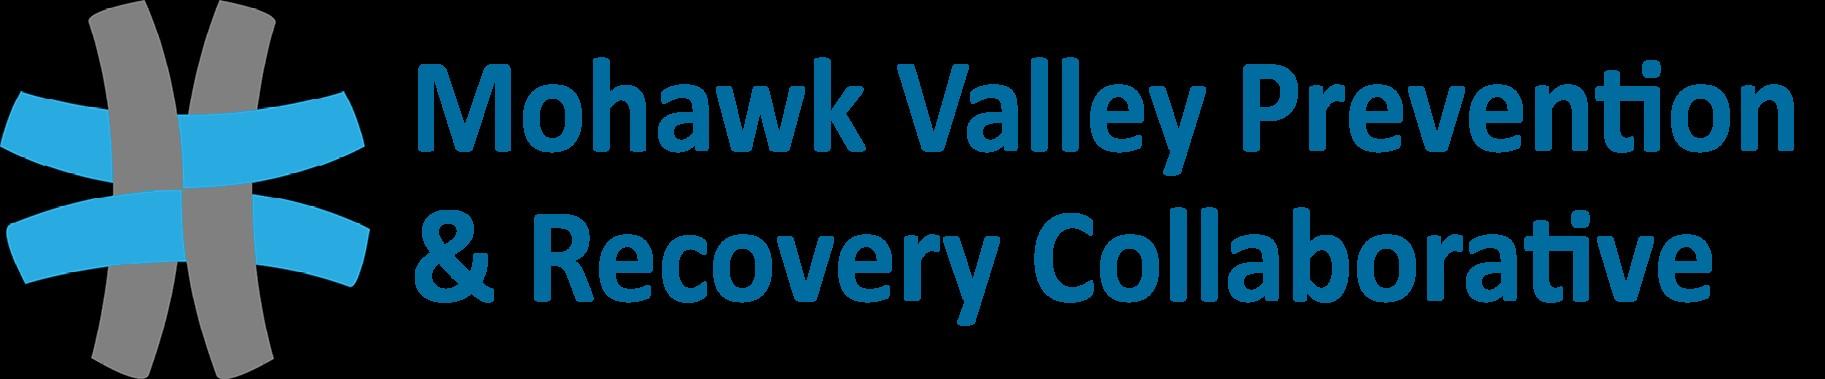 MVPRC Full Logo